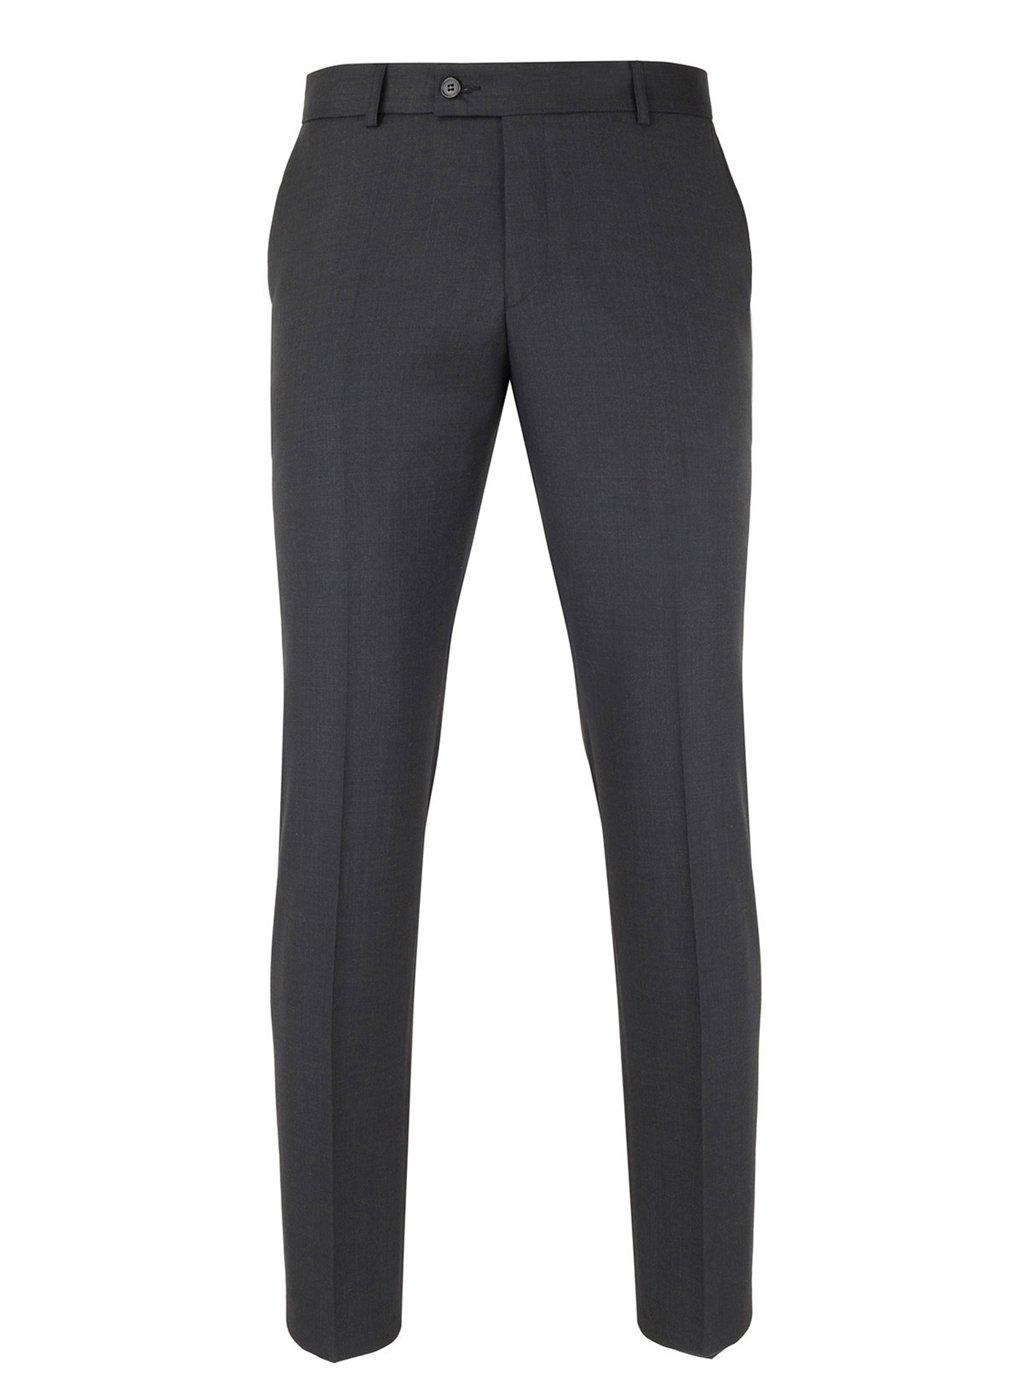 Spodnie męskie garniturowe PLM-6G-107-L